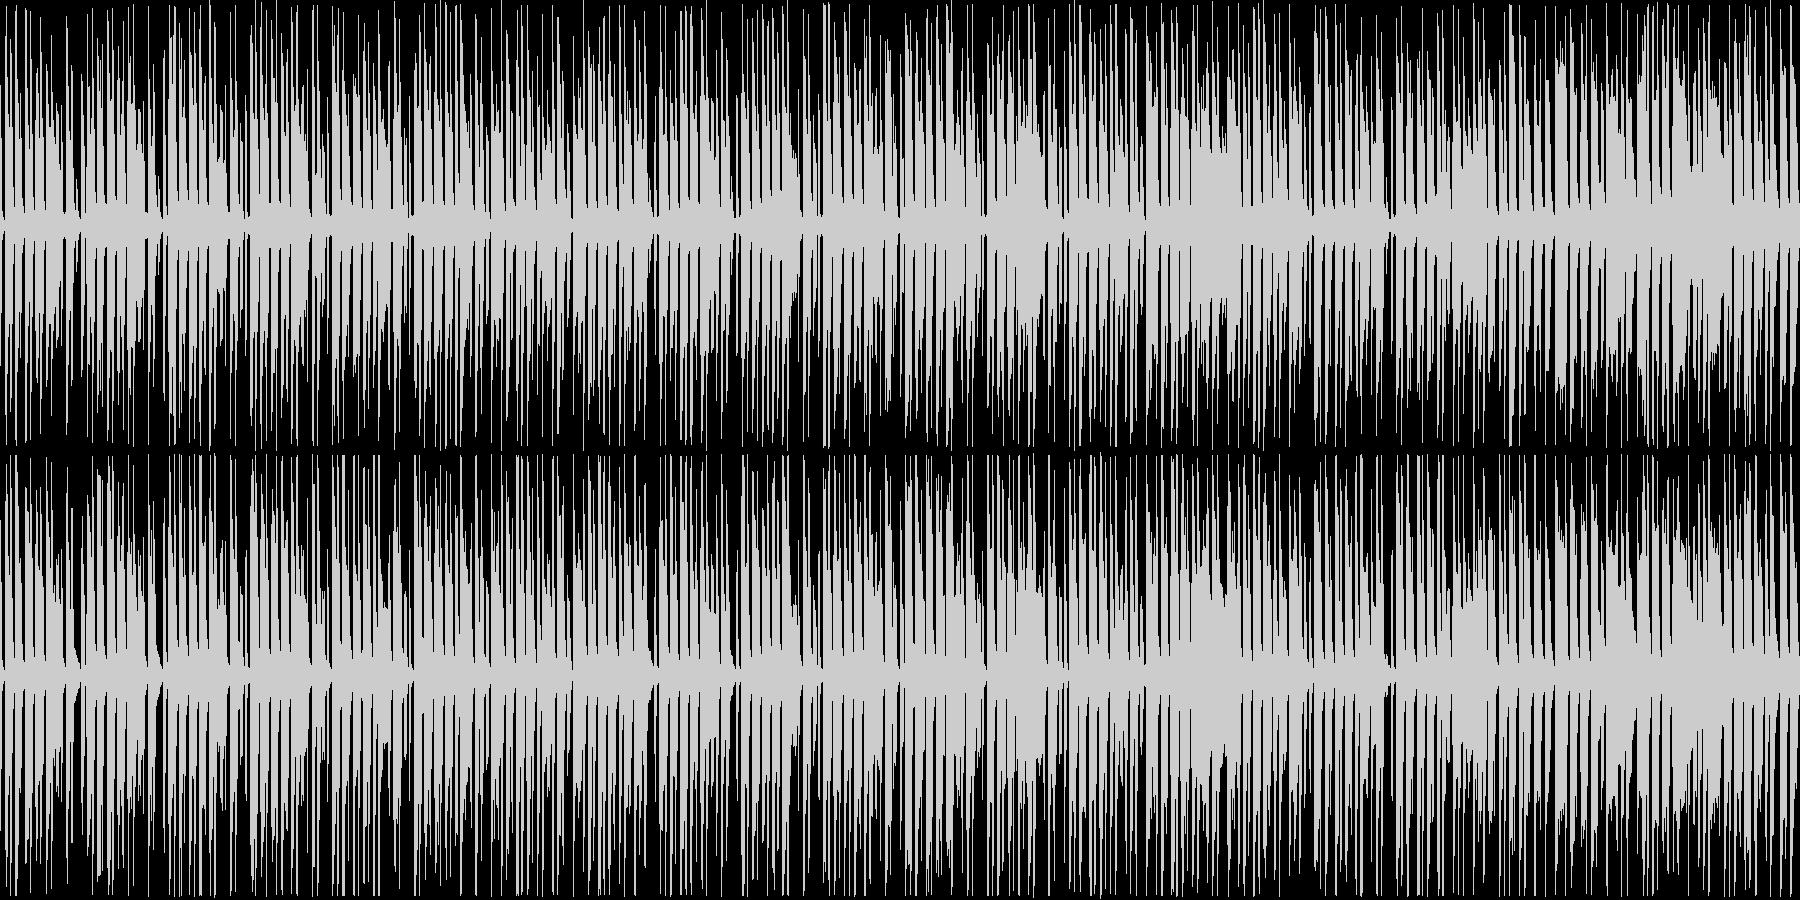 ピコピコした可愛らしい楽曲。ループ可能の未再生の波形